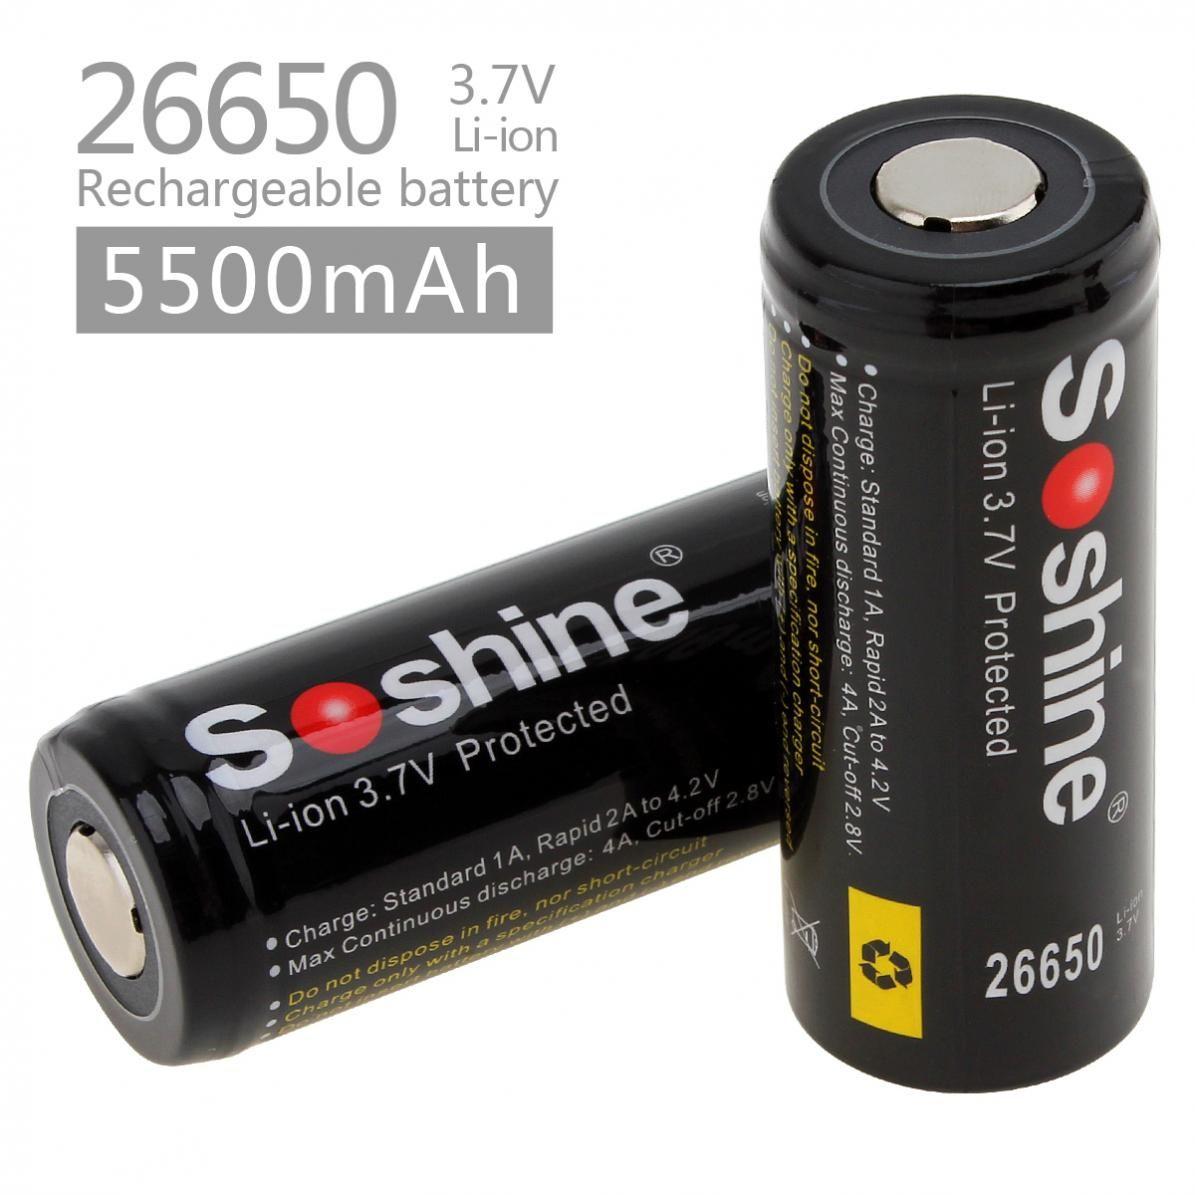 2 pcs/ensemble Soshine 26650 3.7 v 5500 mah Li-ion Batterie Rechargeable avec PCB Protégé pour lampe de Poche/Outils Électriques/ jouets